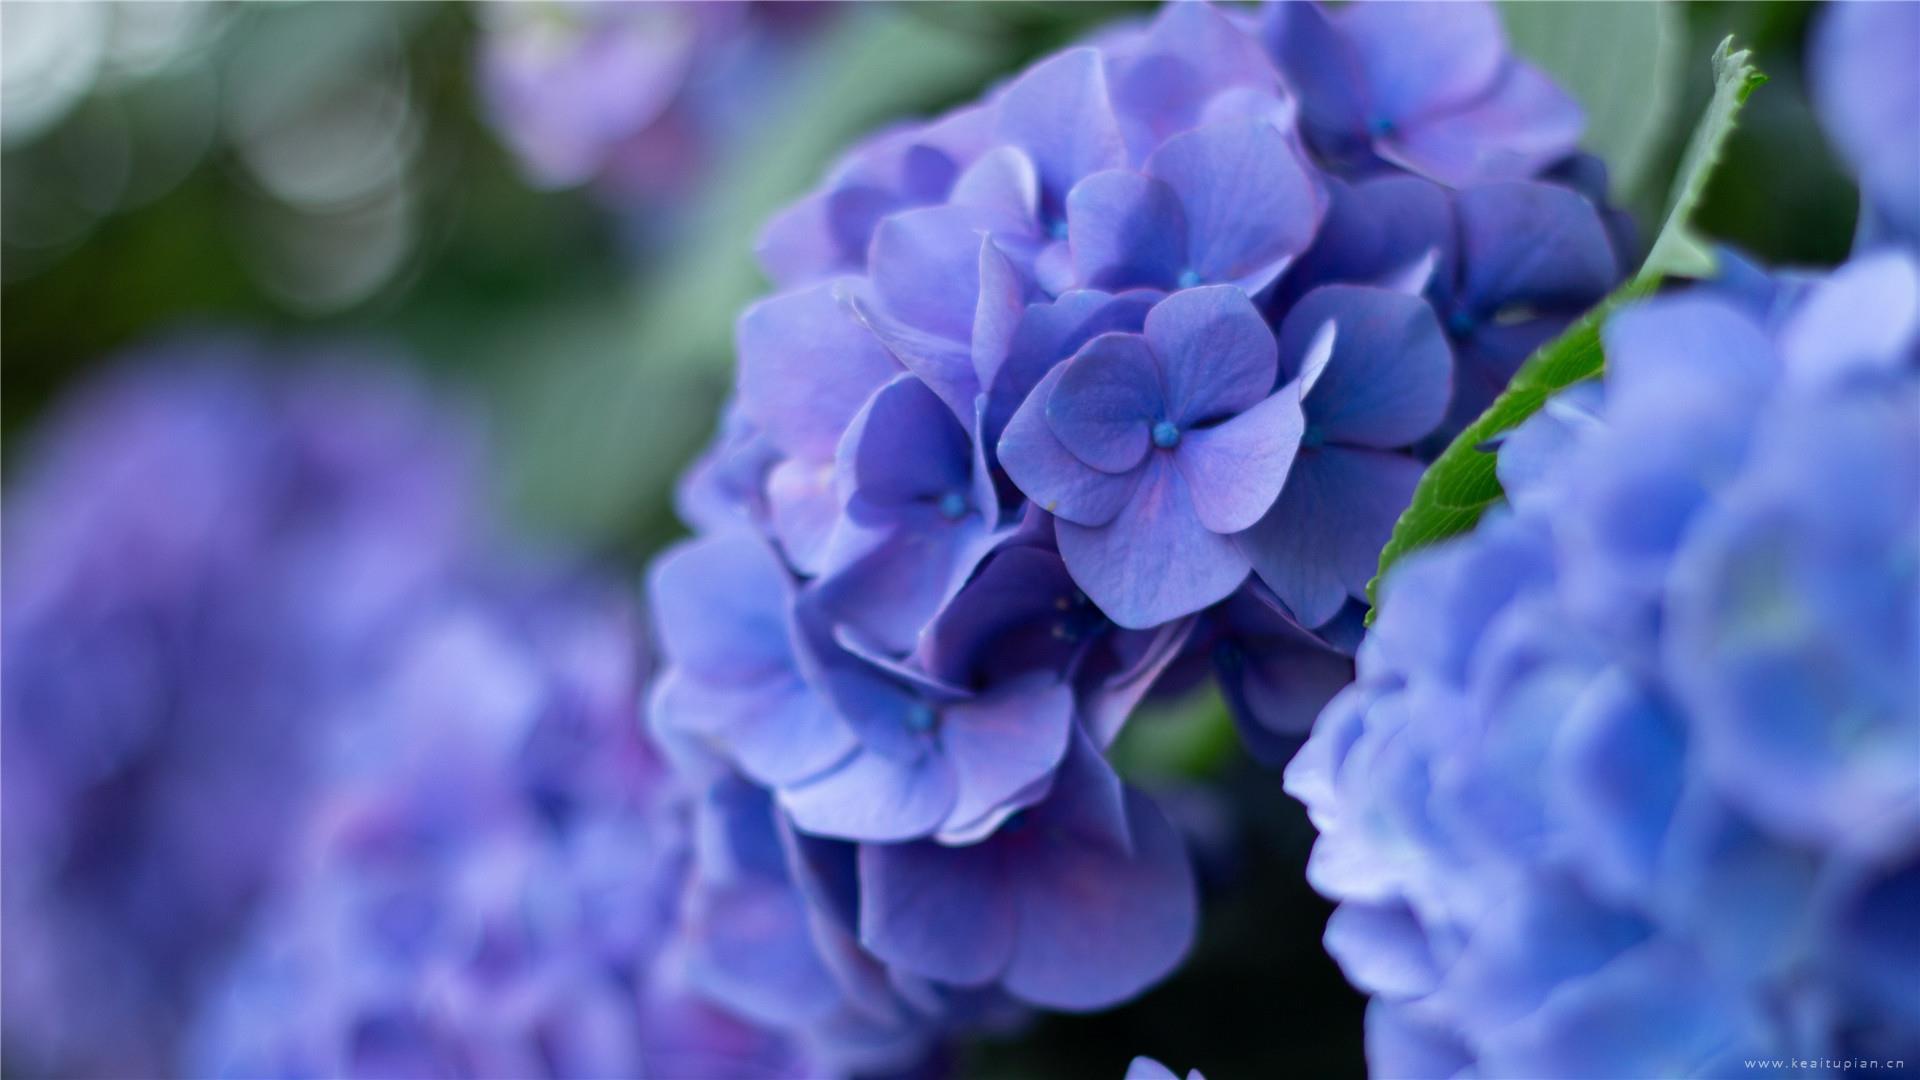 漂亮的绣球花唯美高清桌面壁纸